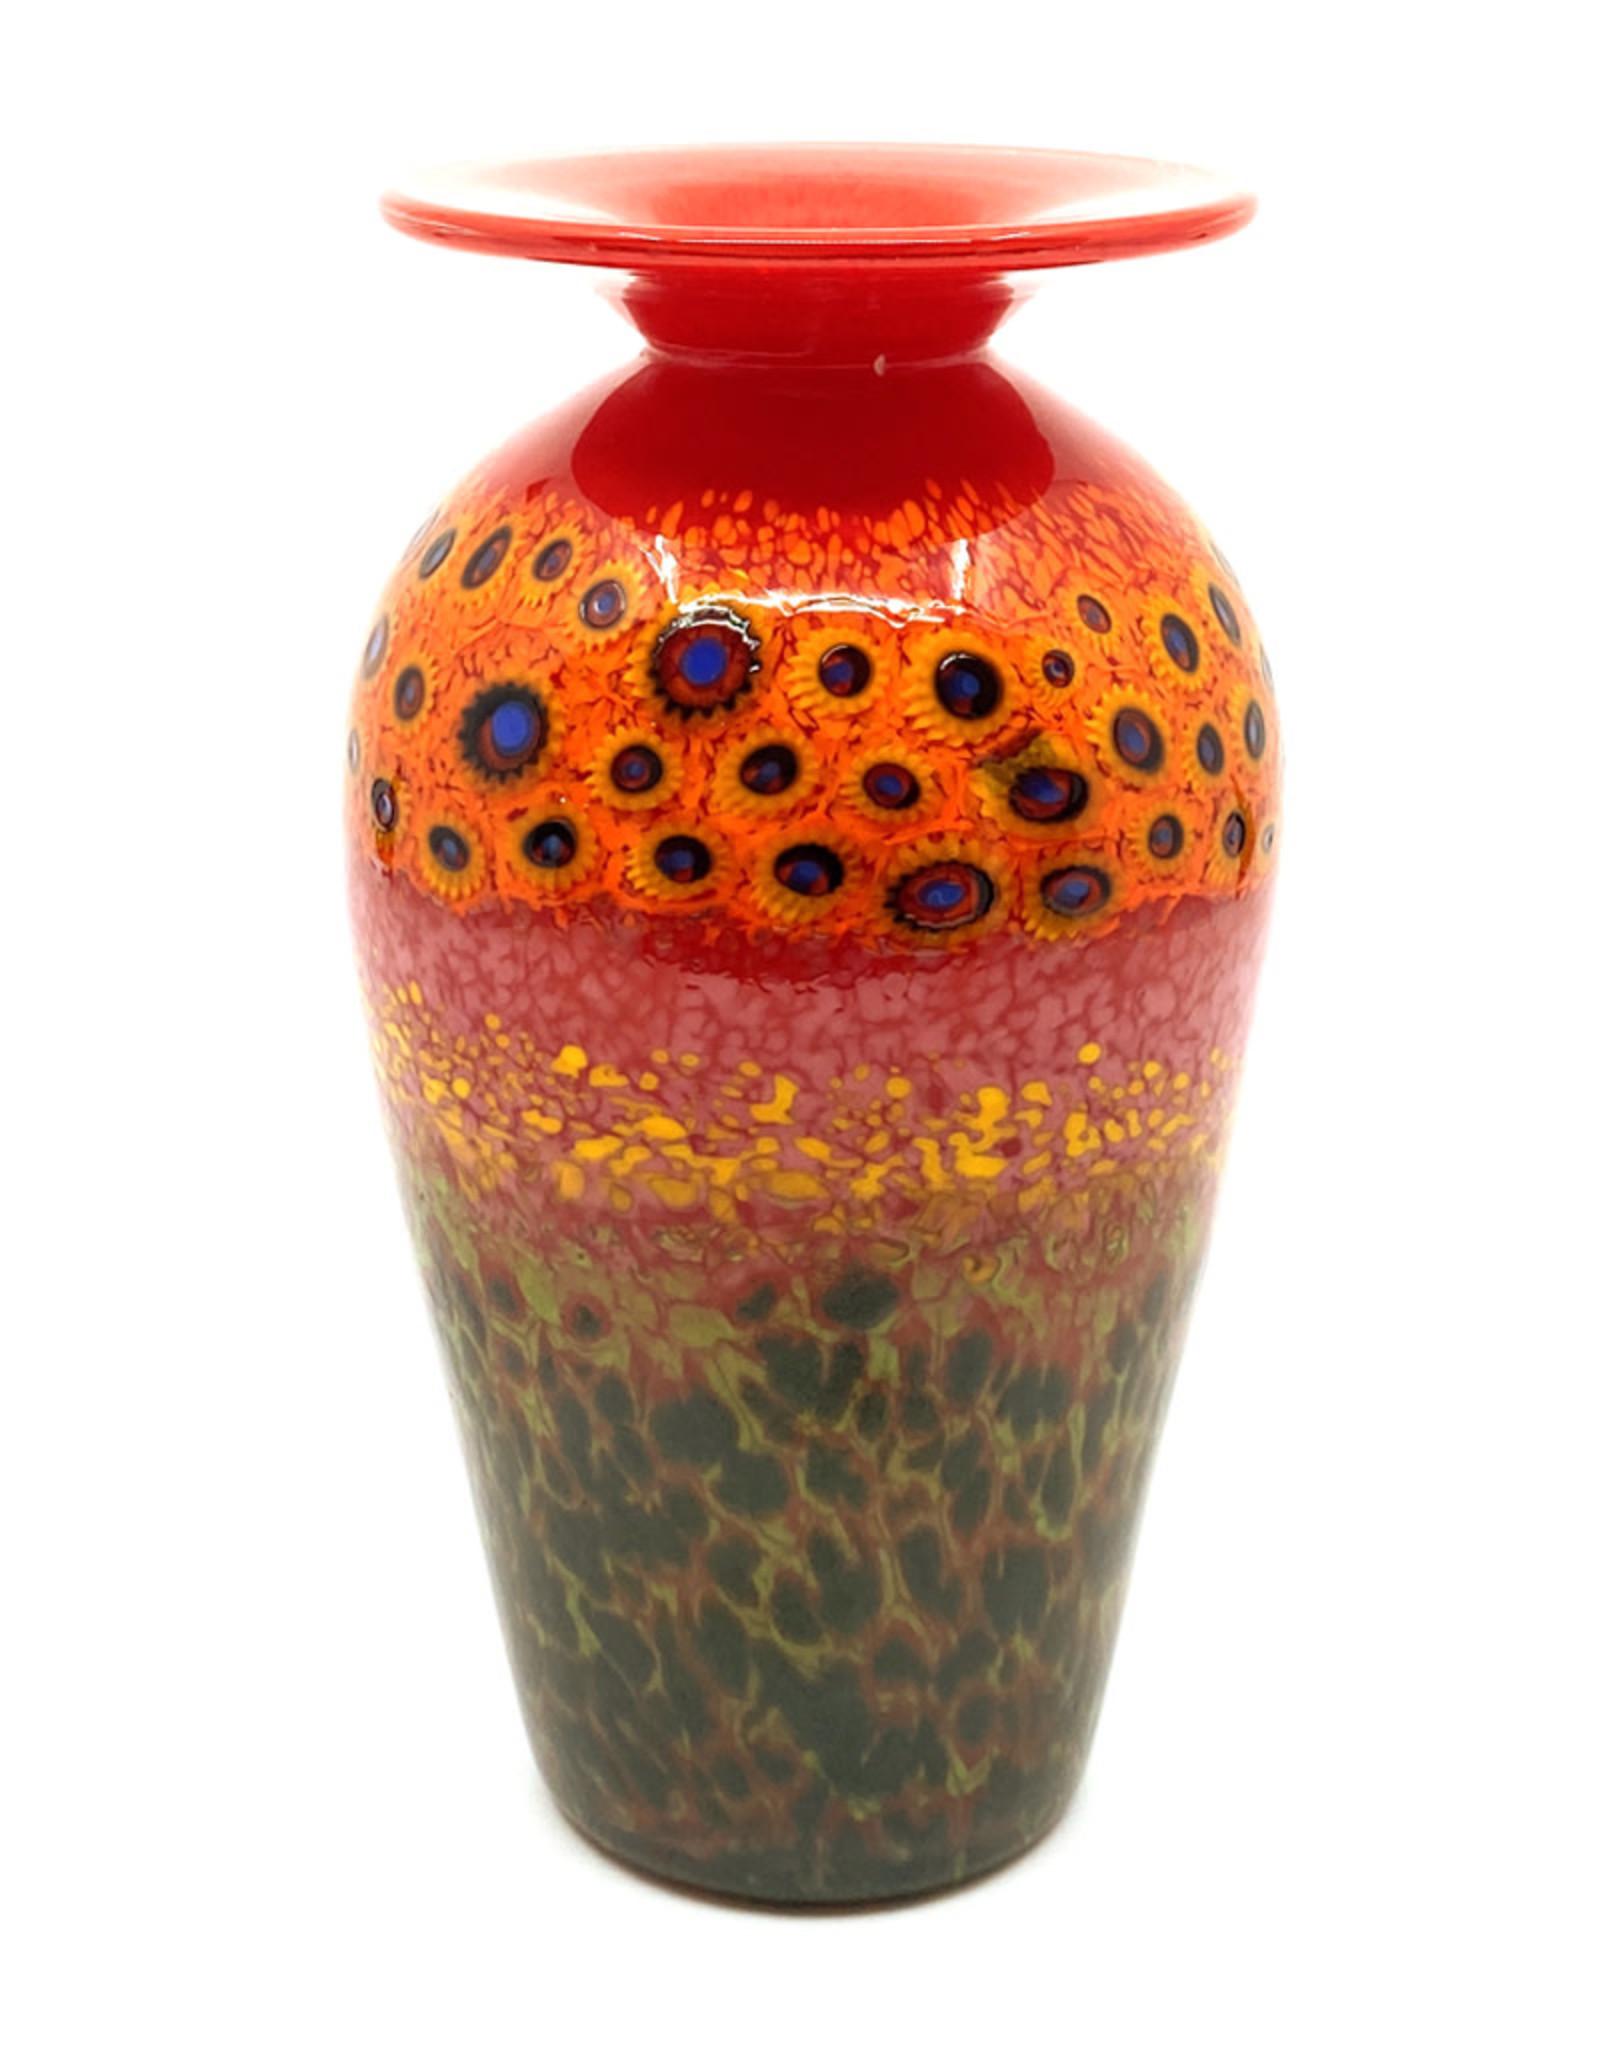 HANSON & KASTLES ART GLASS RED GARDEN VASE